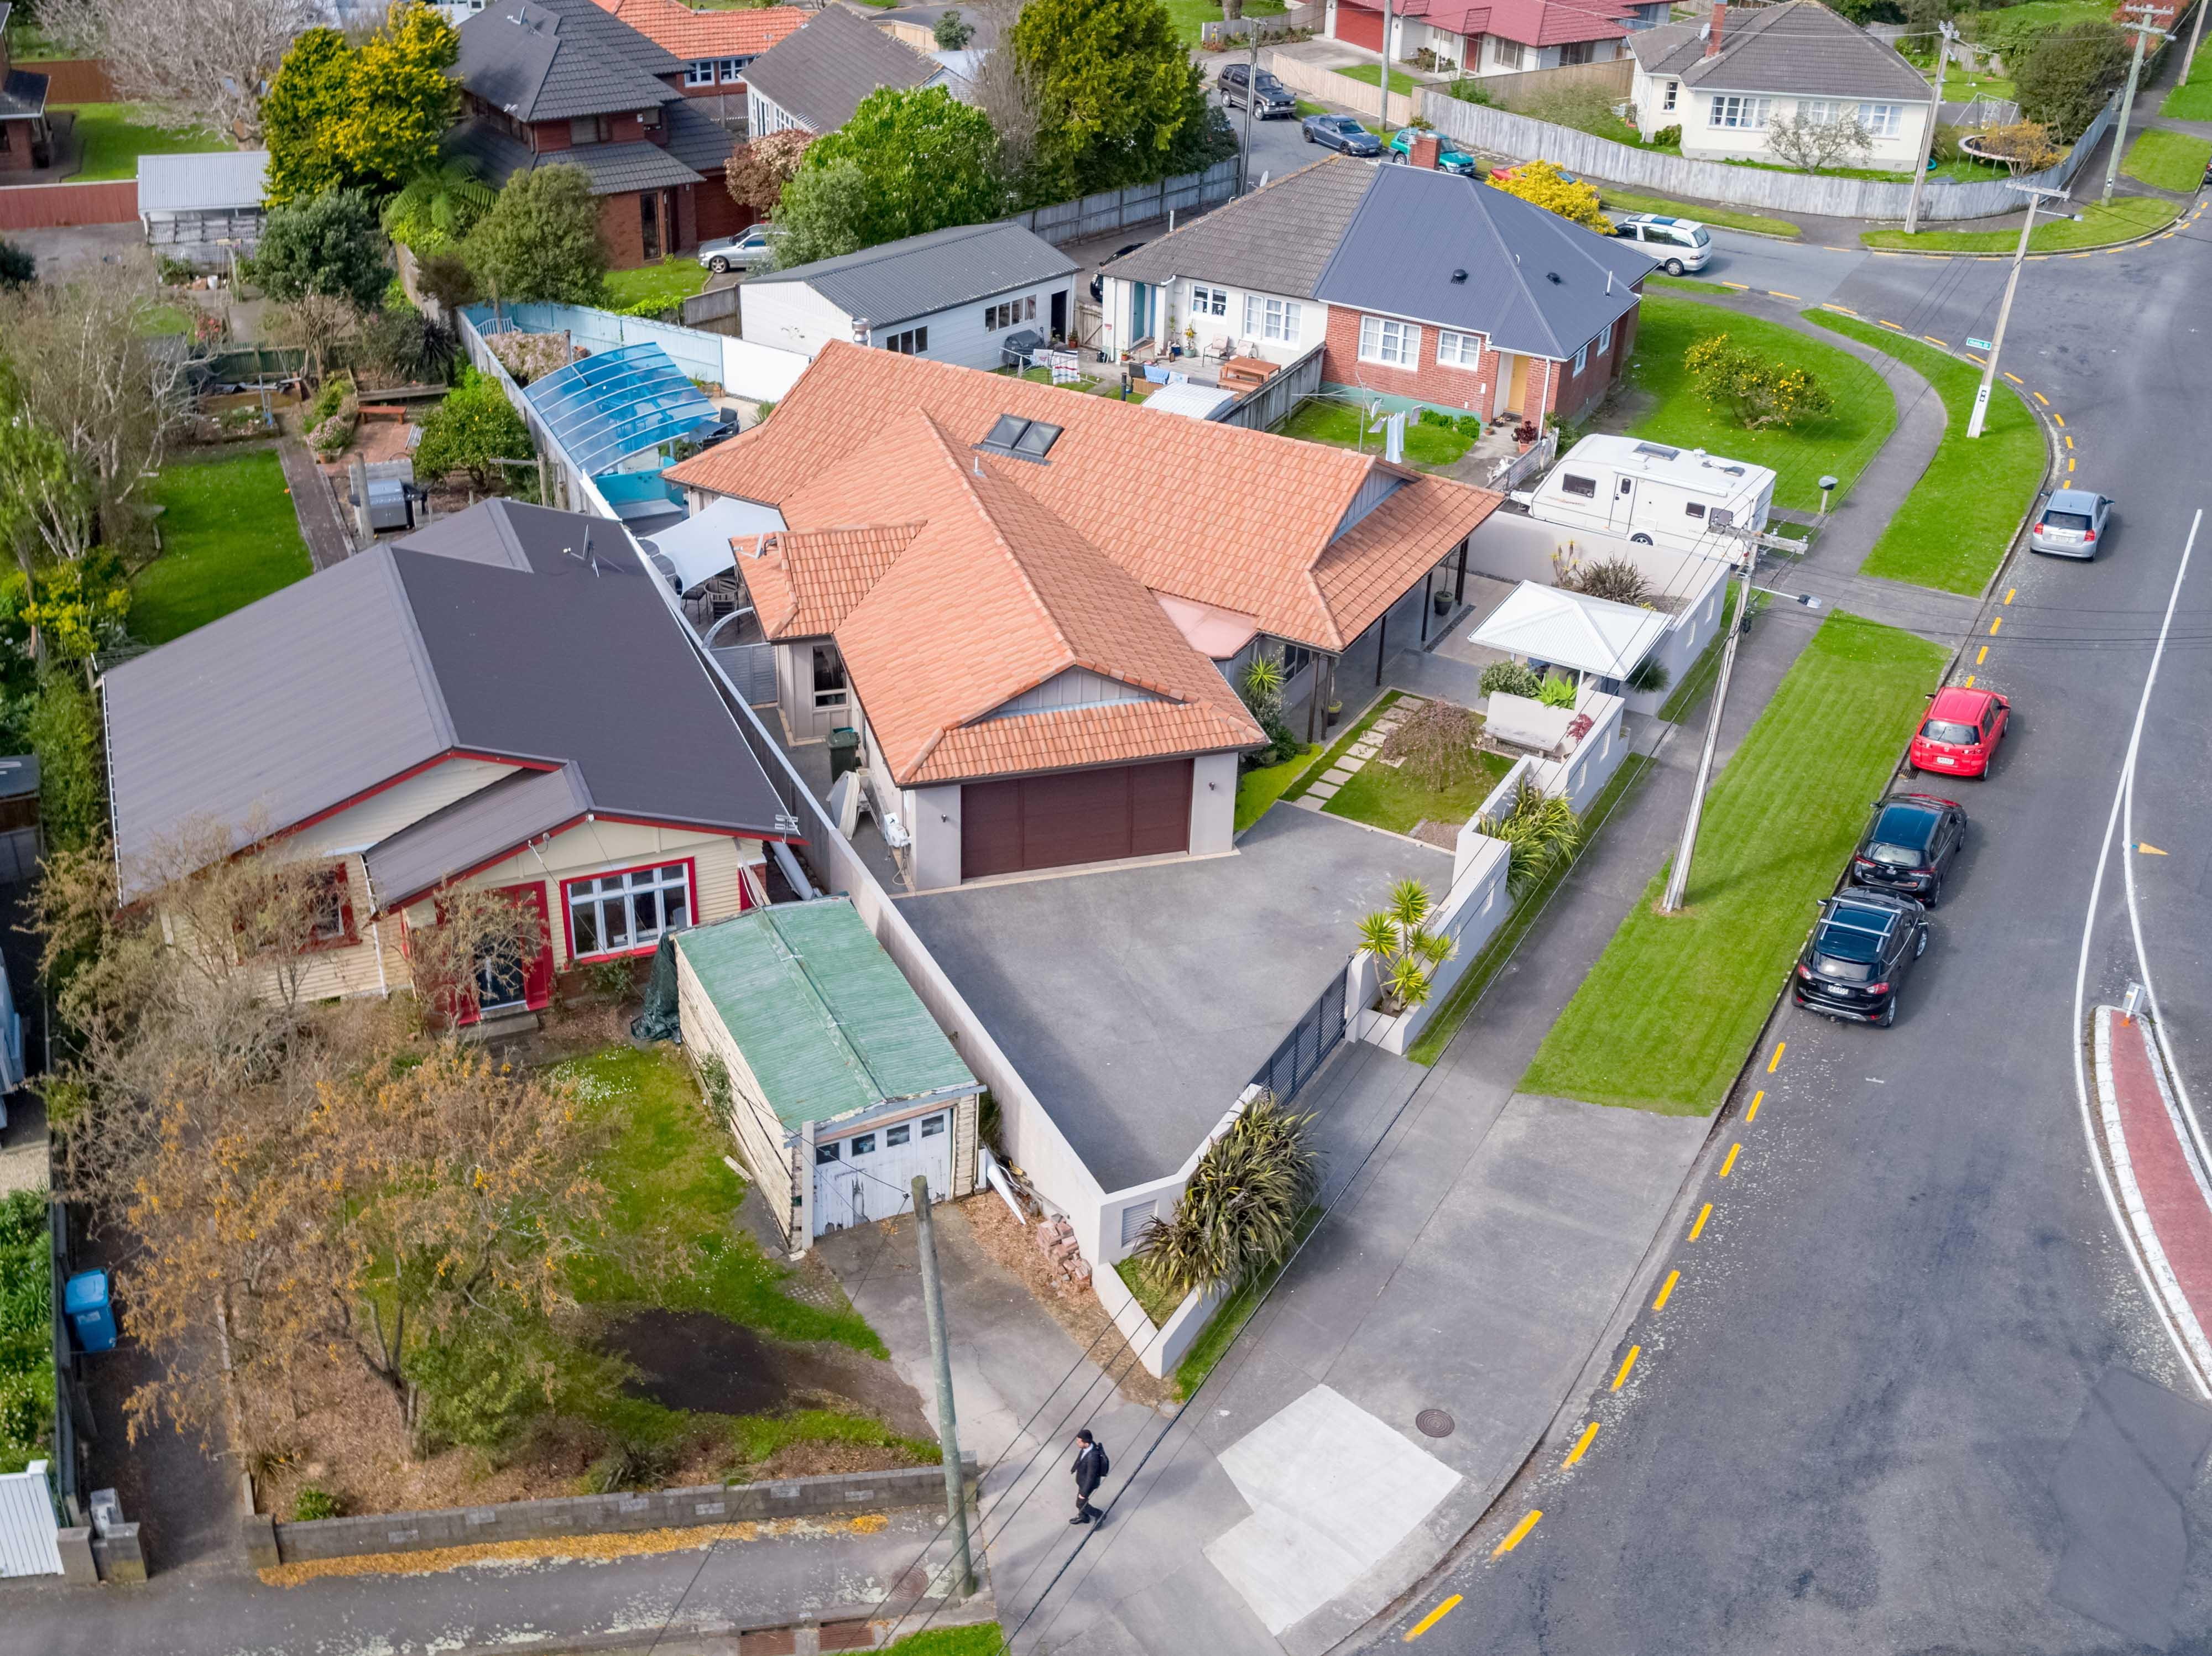 1 Brees Street, Lower Hutt Aerial 0280 Boundary 1